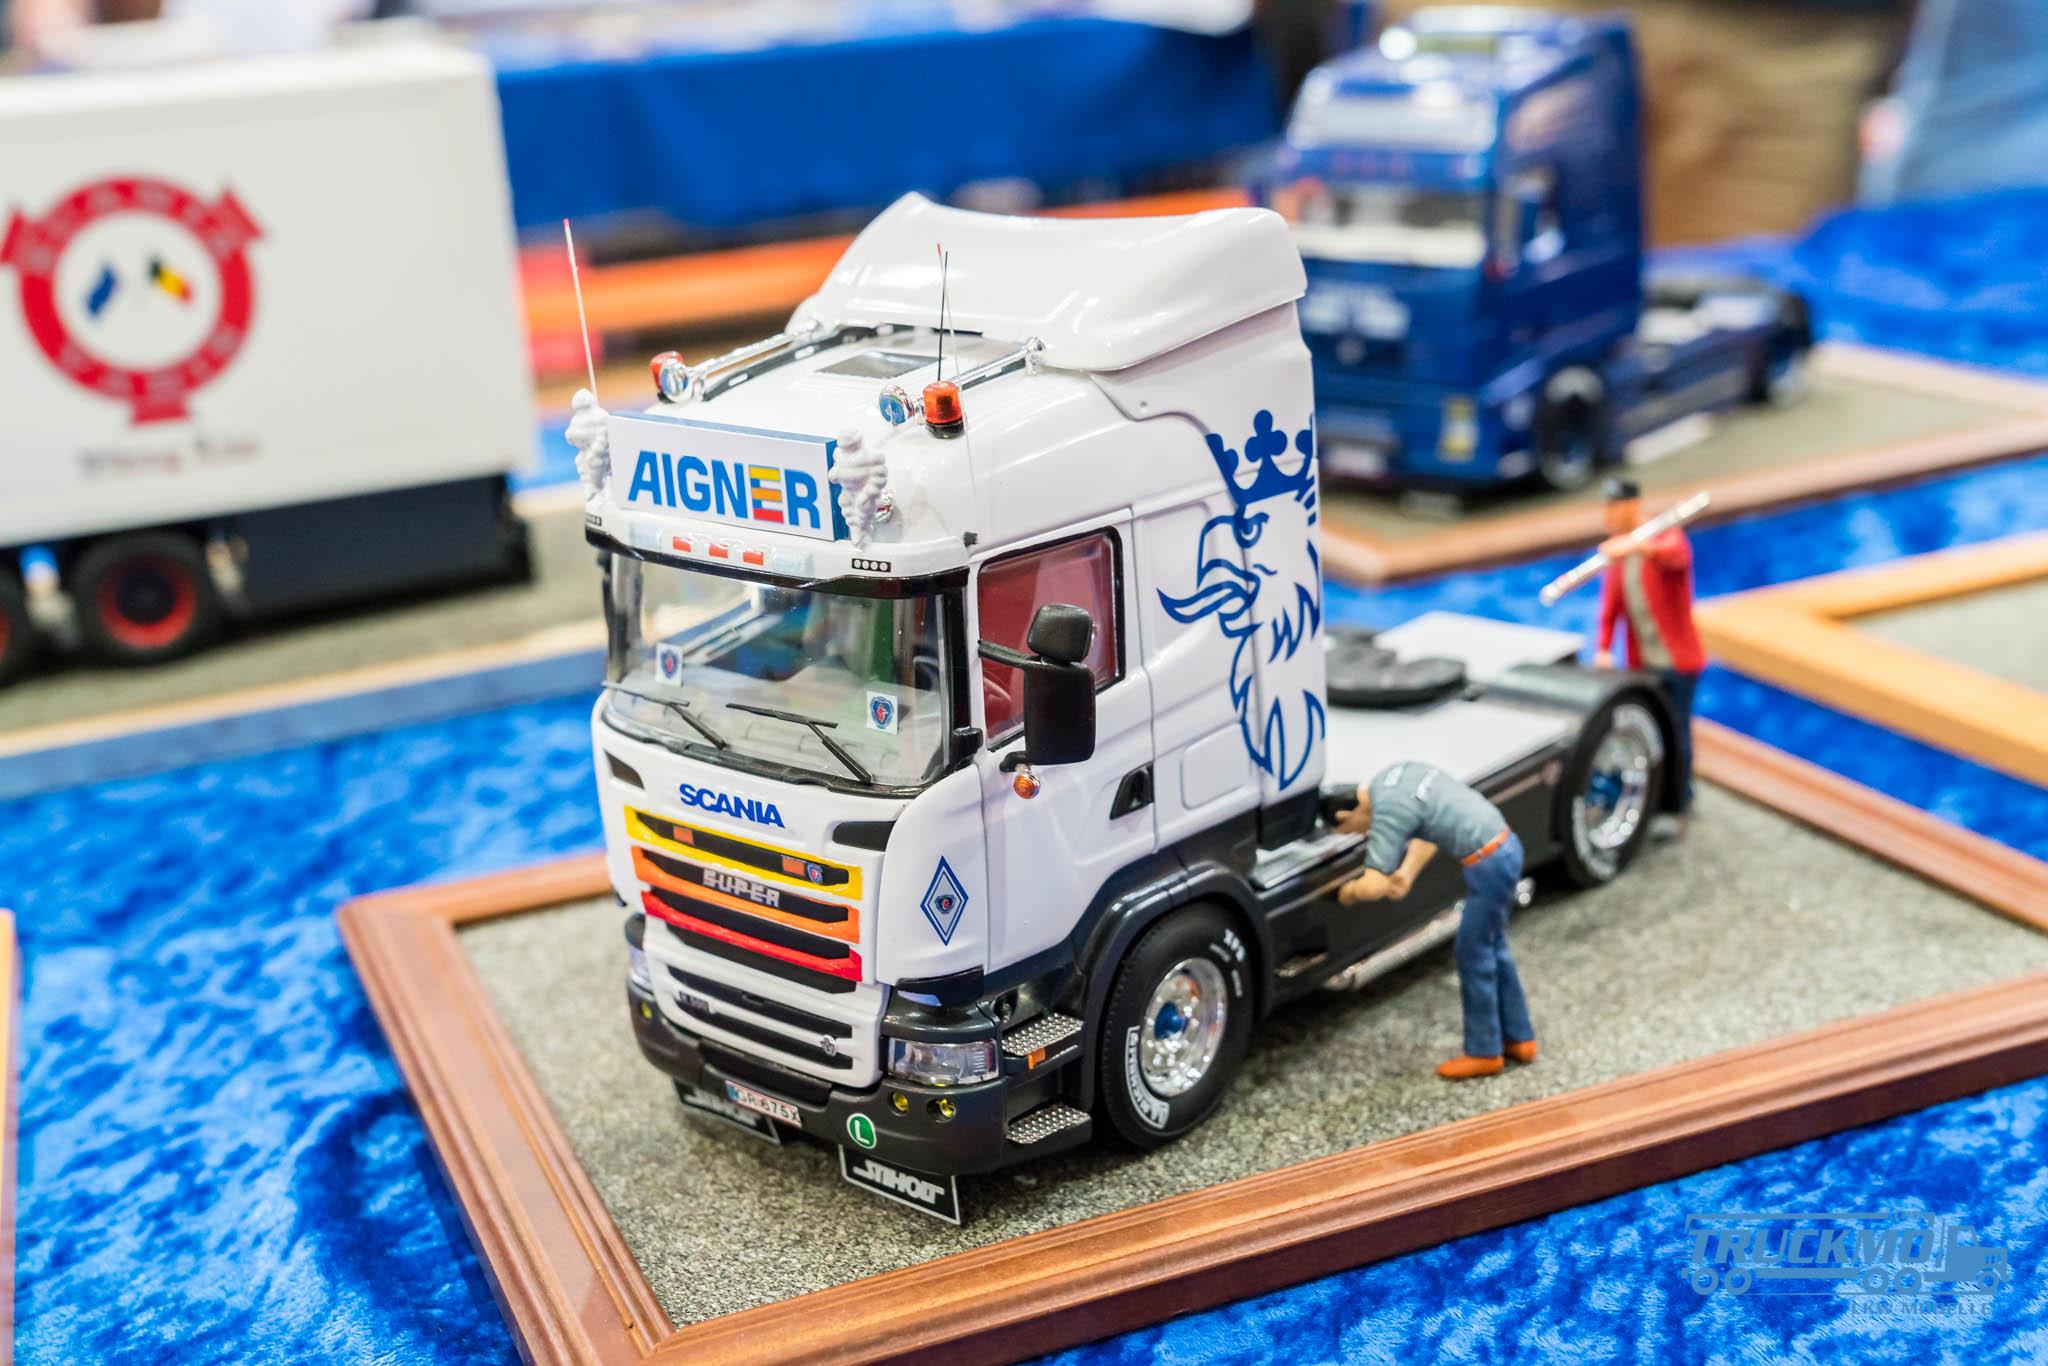 Truckmo_Modellbau_Ried_2017_Herpa_Messe_Modellbauausstellung (321 von 1177)